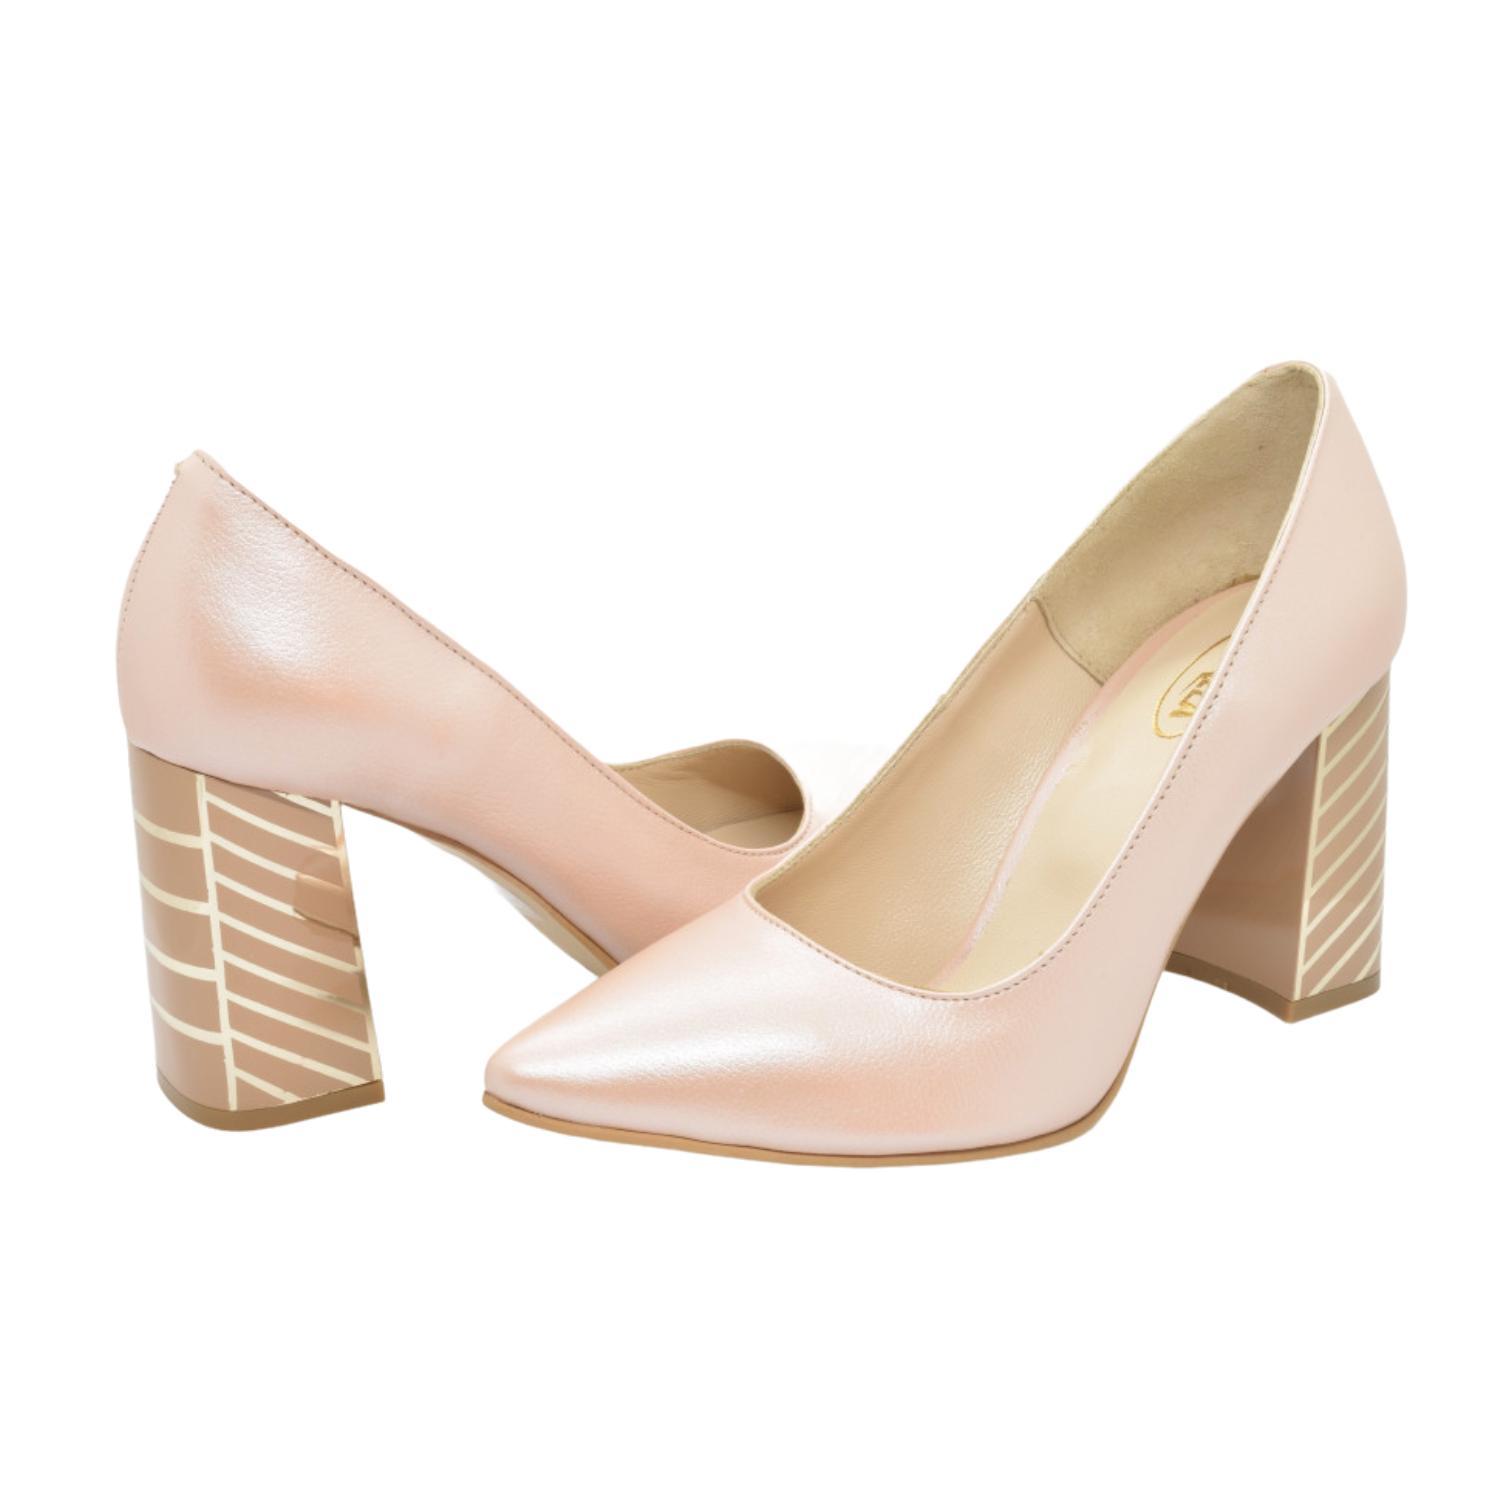 Pantofi pudra cu toc in dungi